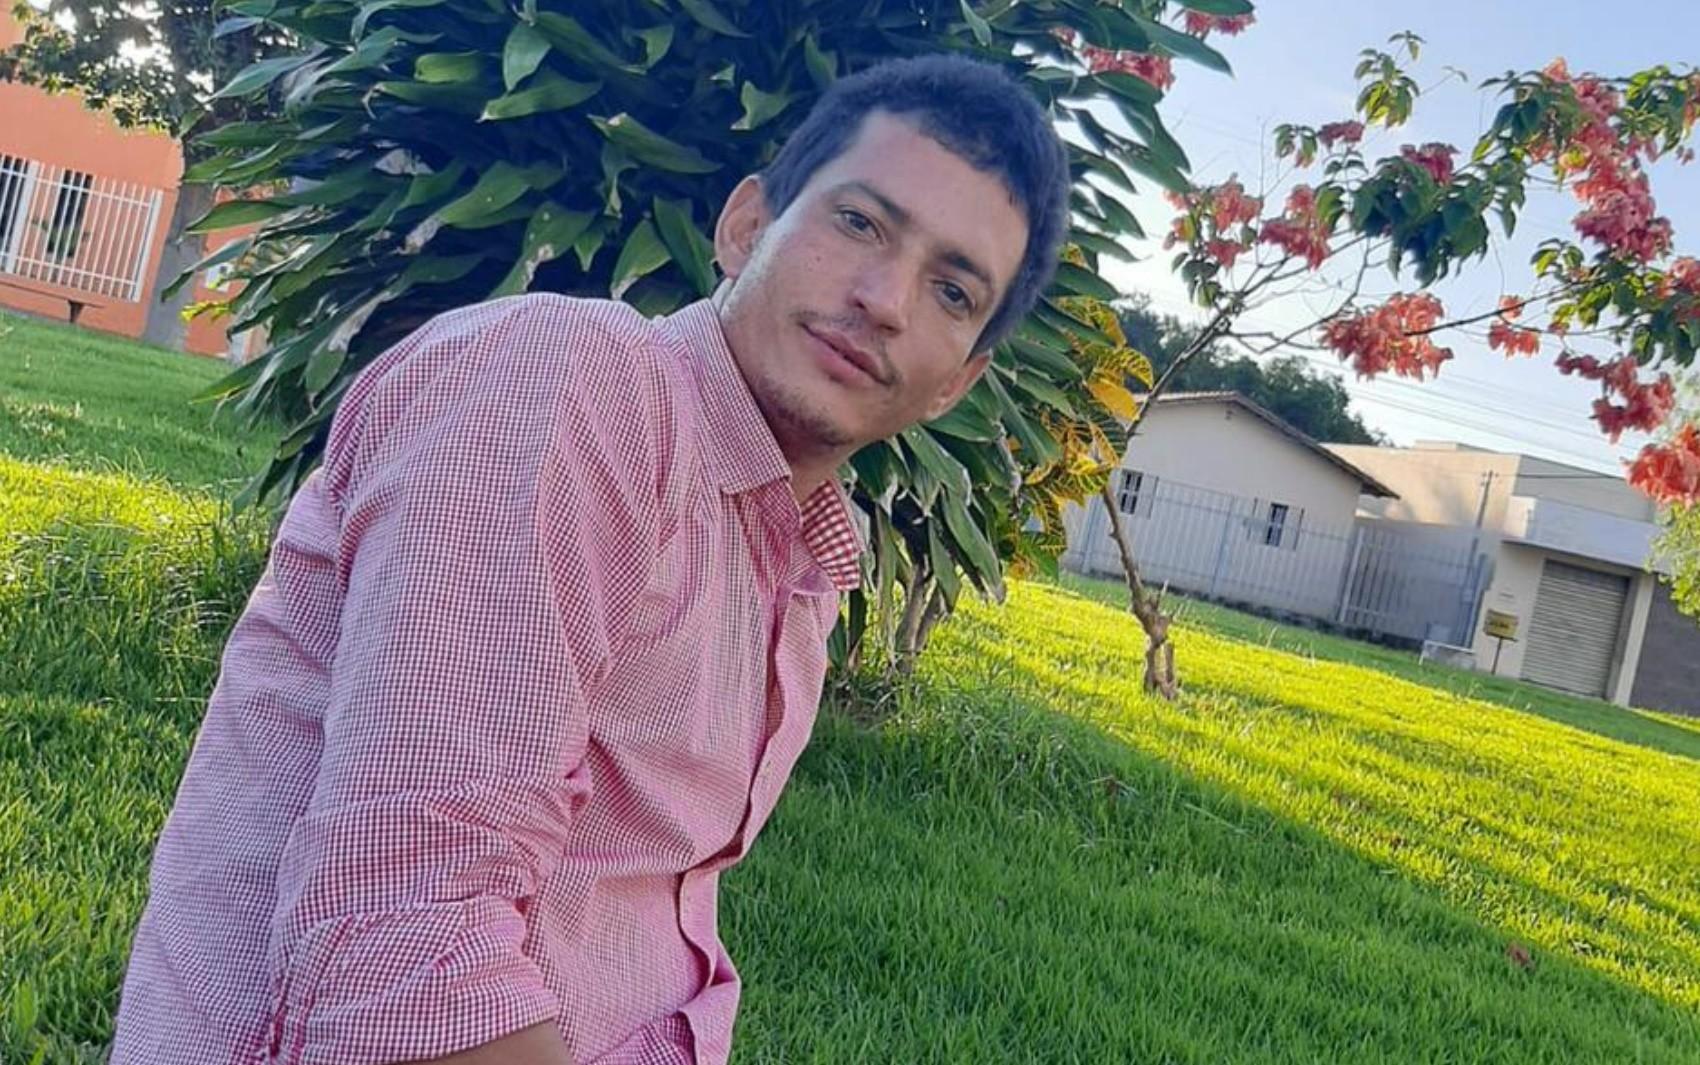 Bombeiros encontram corpo em pasto, e polícia suspeita que seja de corretor de trator desaparecido após sair de motel, em Jaraguá